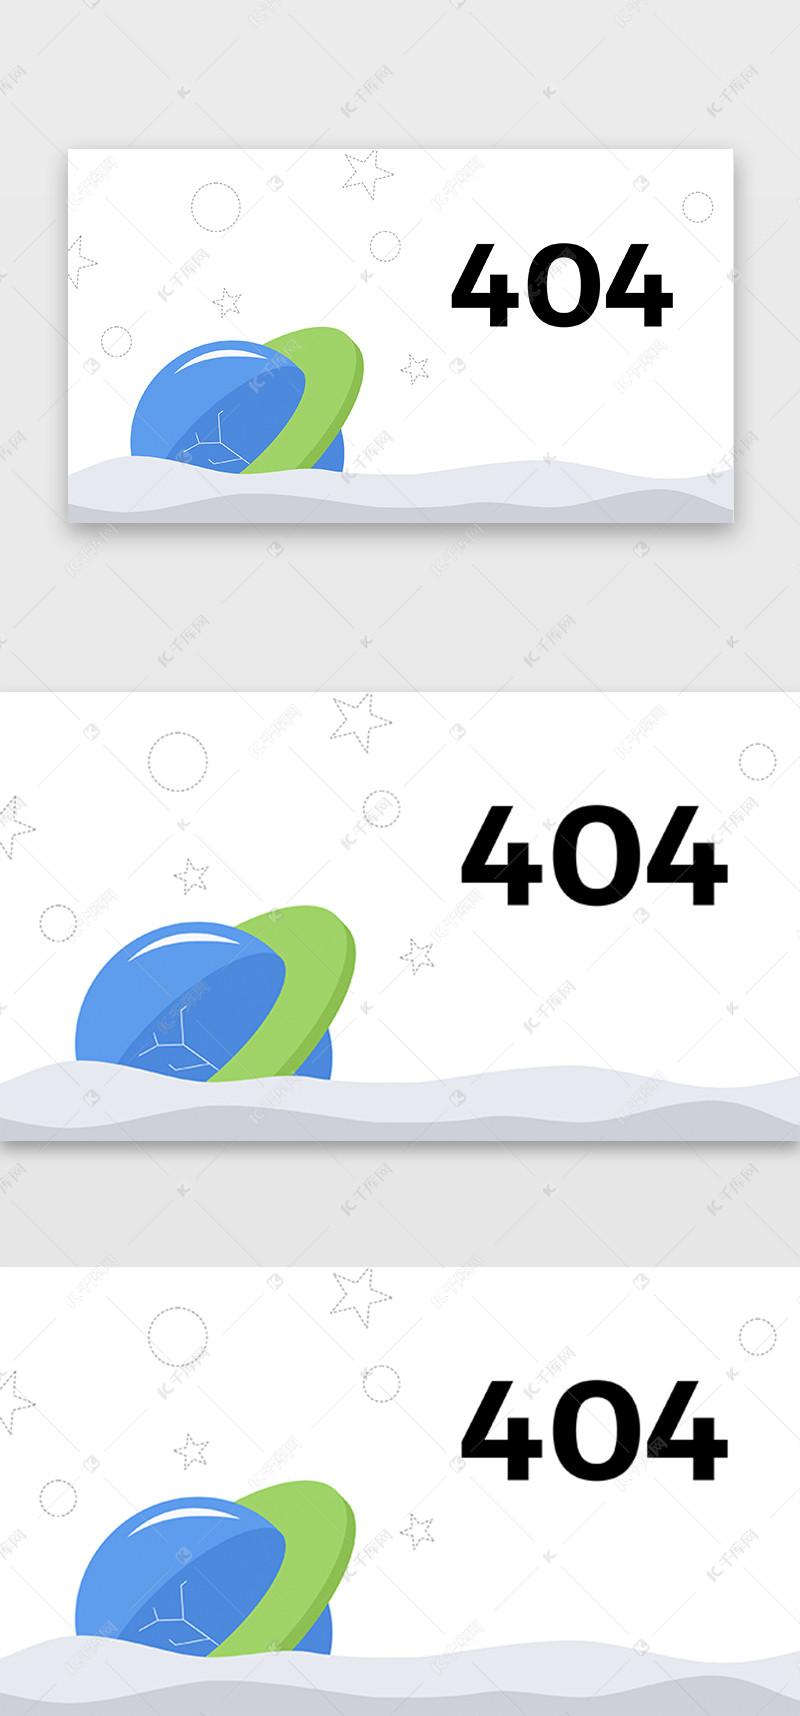 简约作品蓝色坠落404星球ui设计素材新加坡室内设计师页面图片